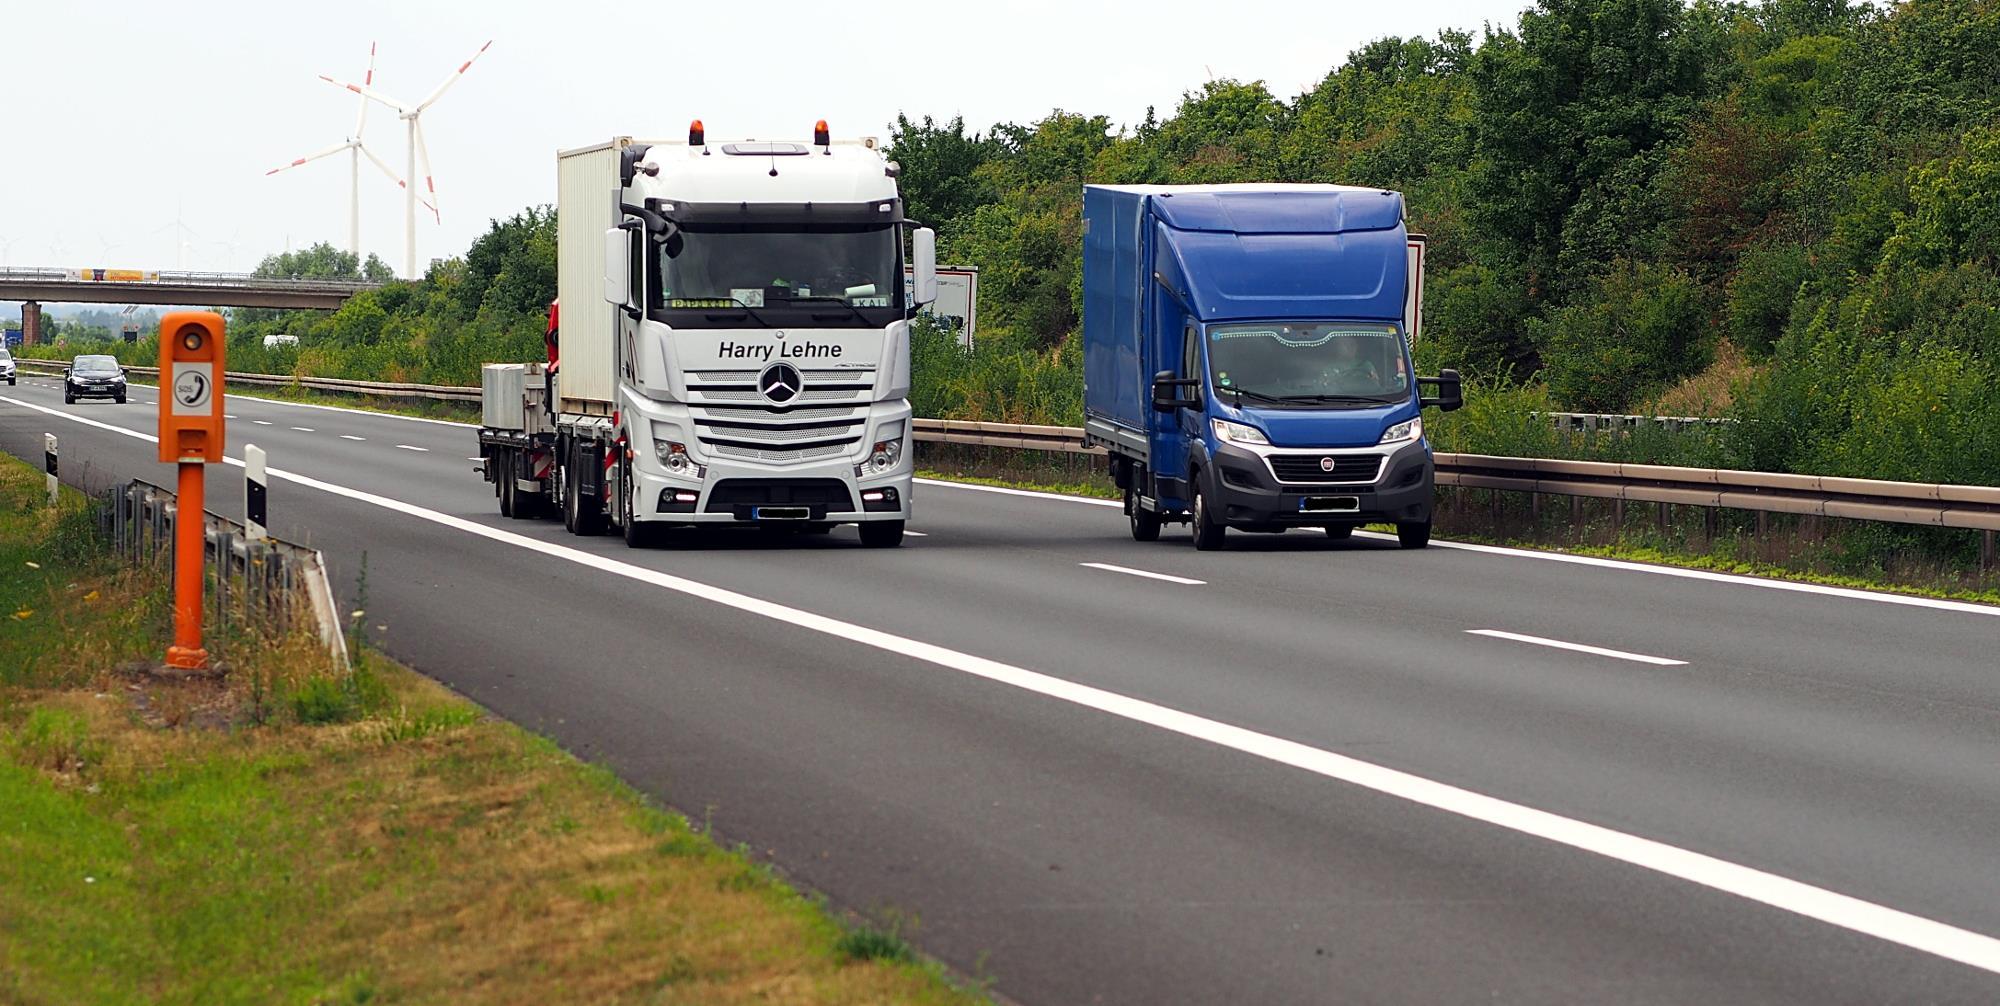 Prancūzai pakėlė minimalų valandinį atlygį sunkvežimių vairuotojams. Nauji tarifai taikomi ir užsienio vairuotojams